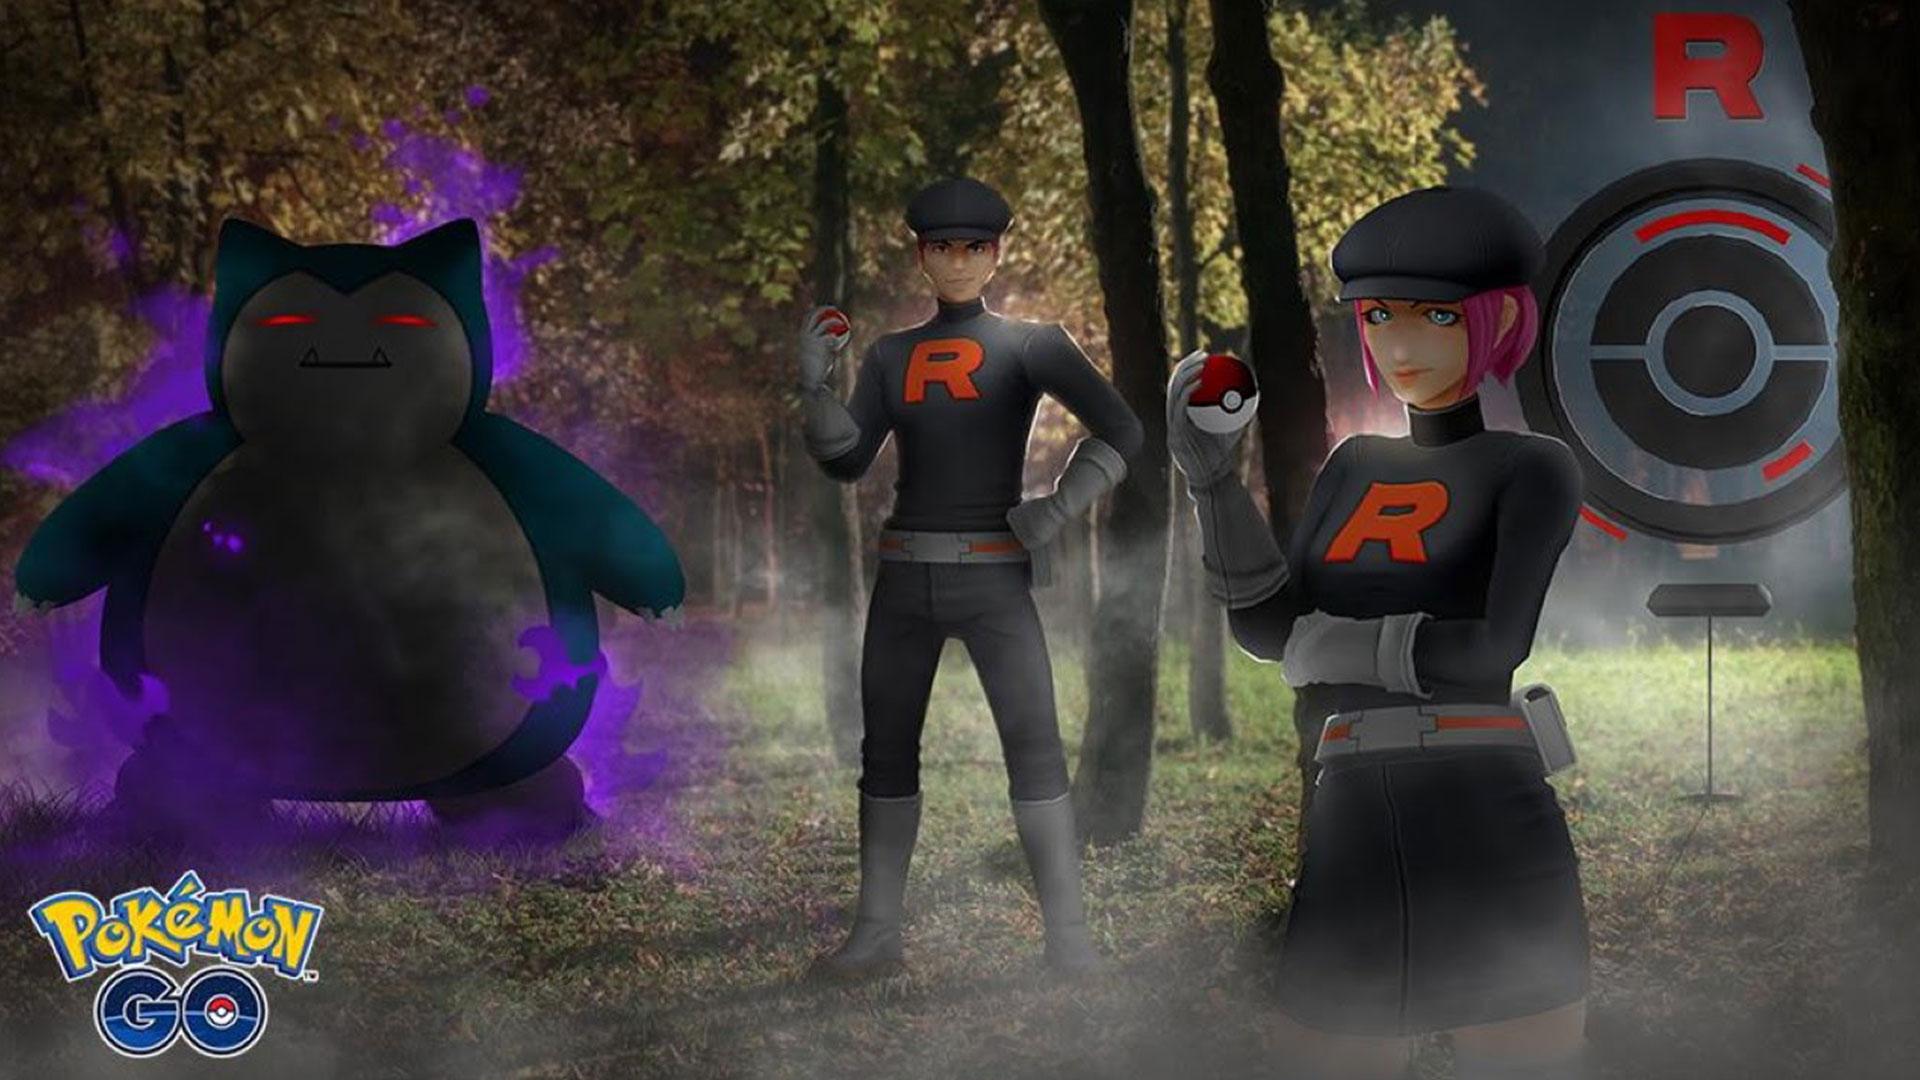 GO-Rocket-Grunts-Pokemon-GO